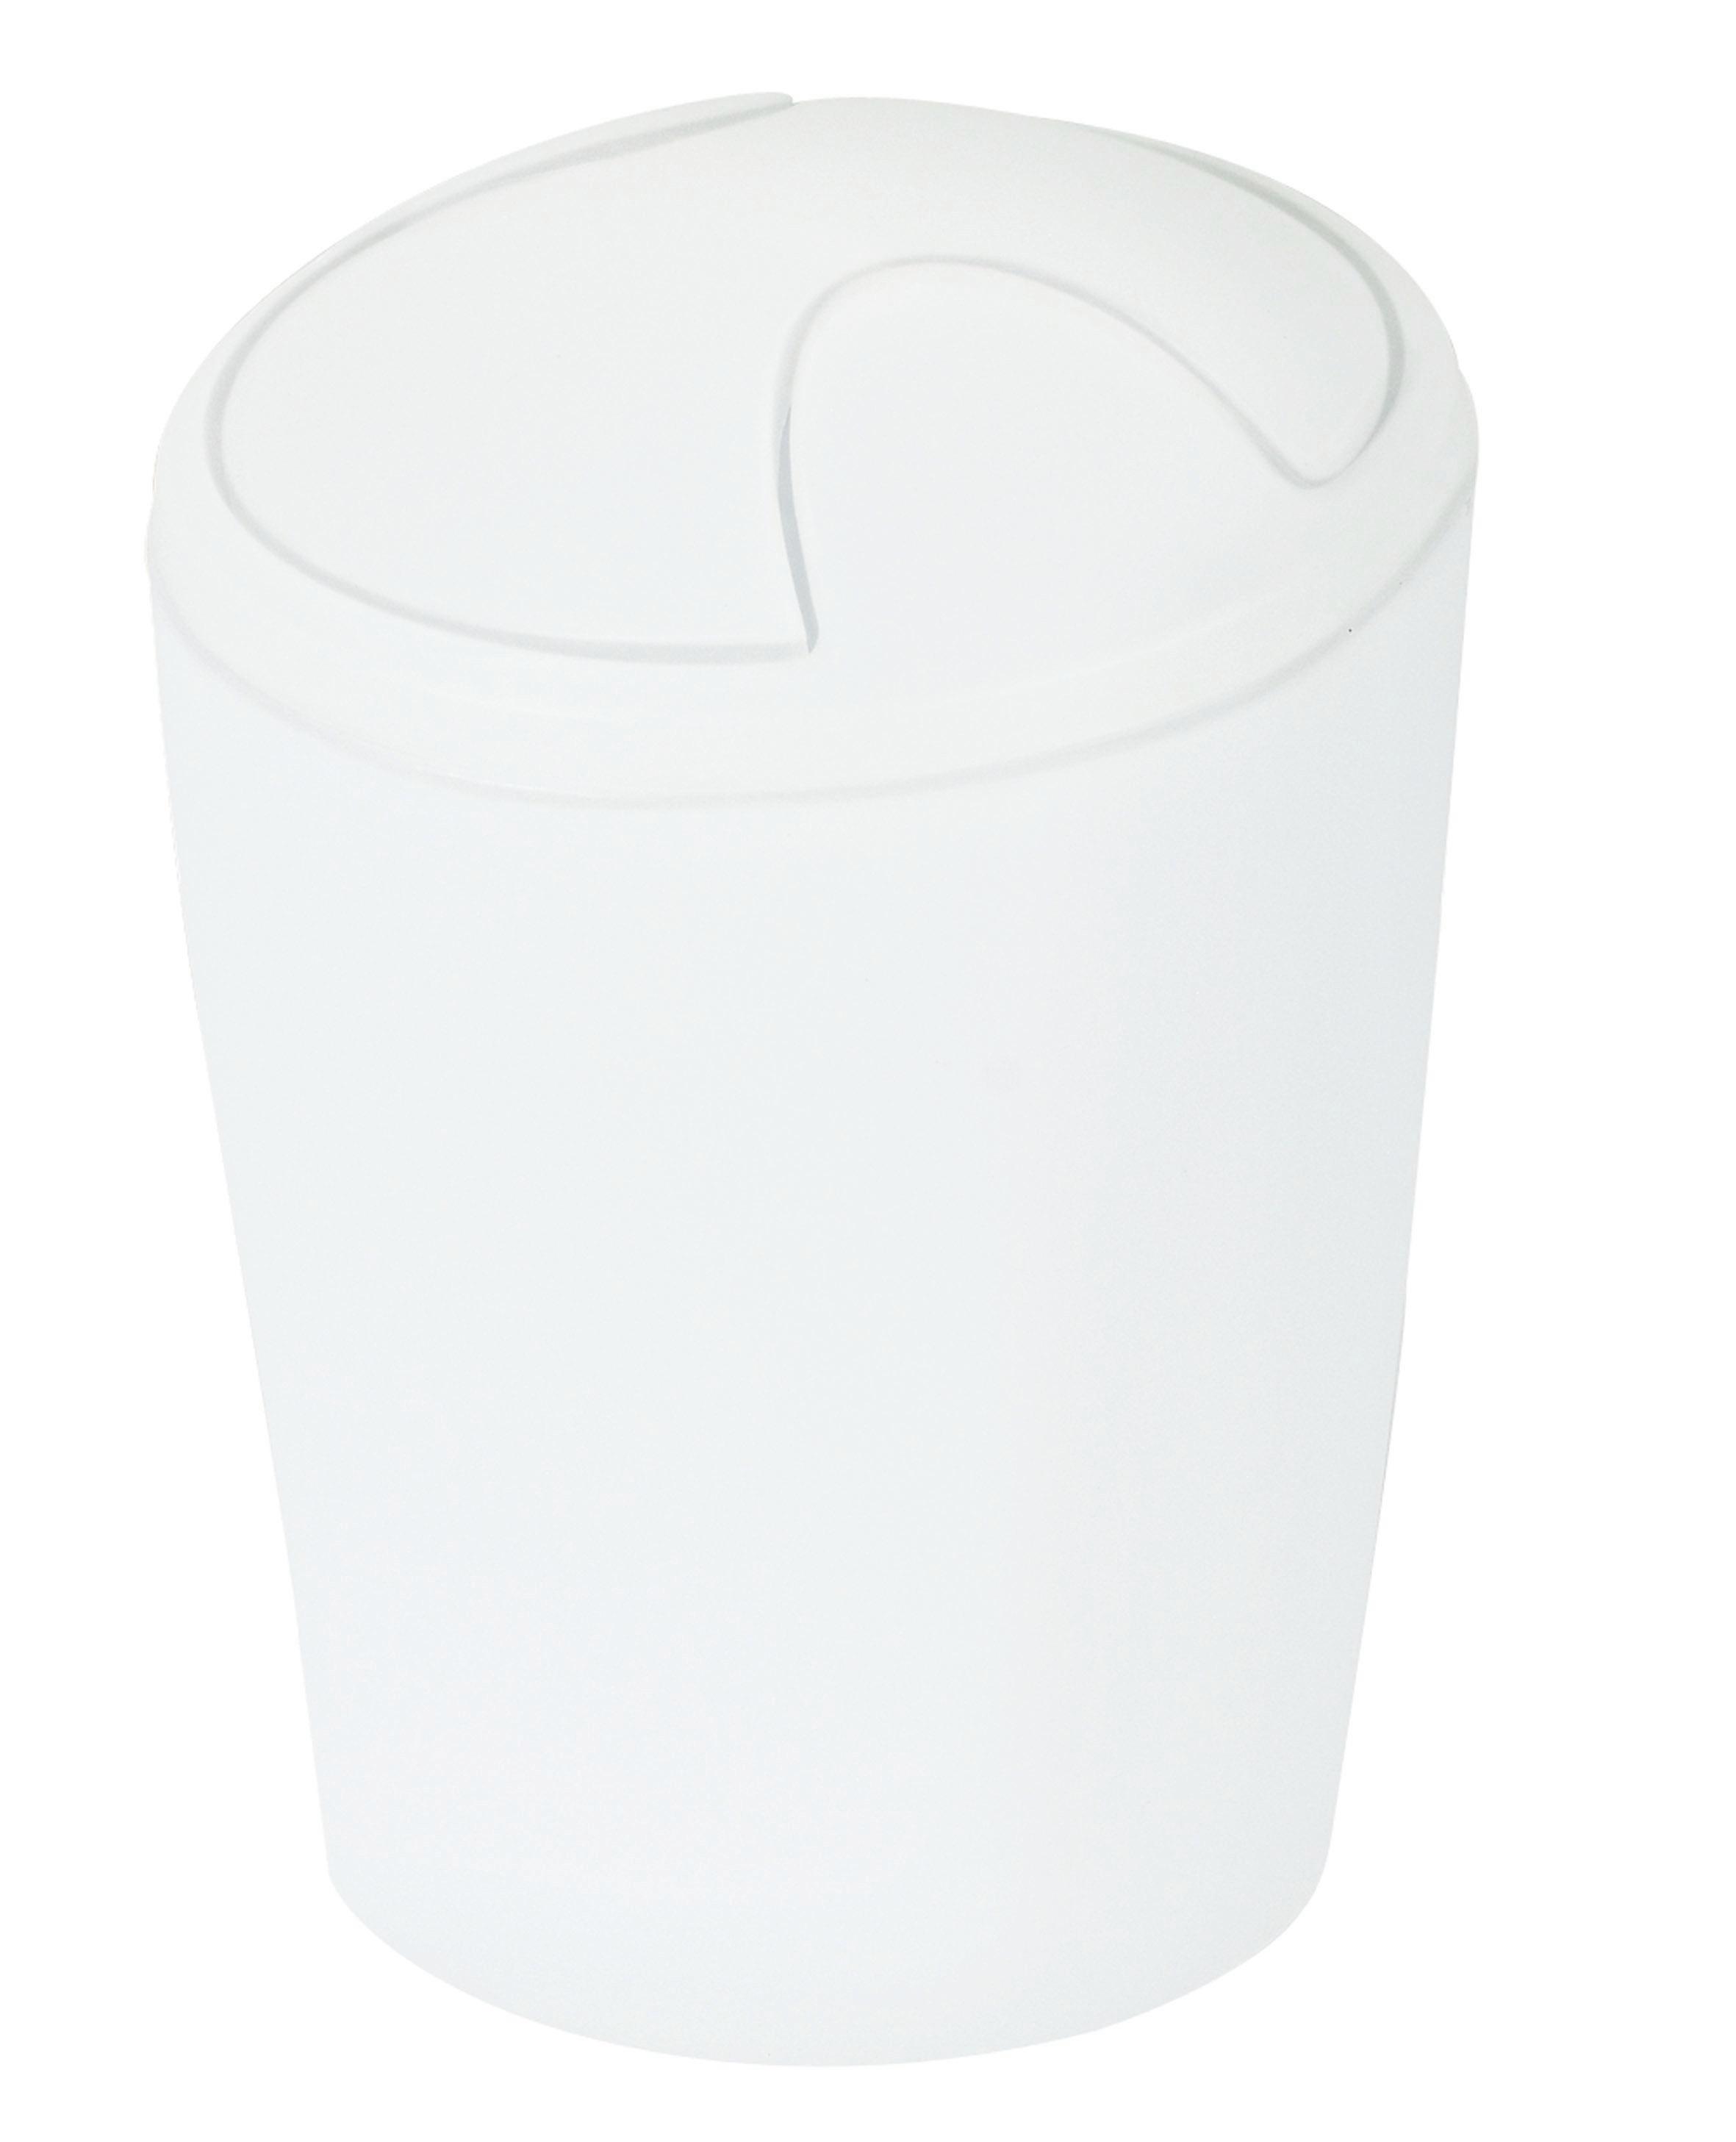 ABFALLEIMER - Weiß, Basics, Kunststoff (15/21cm) - SPIRELLA